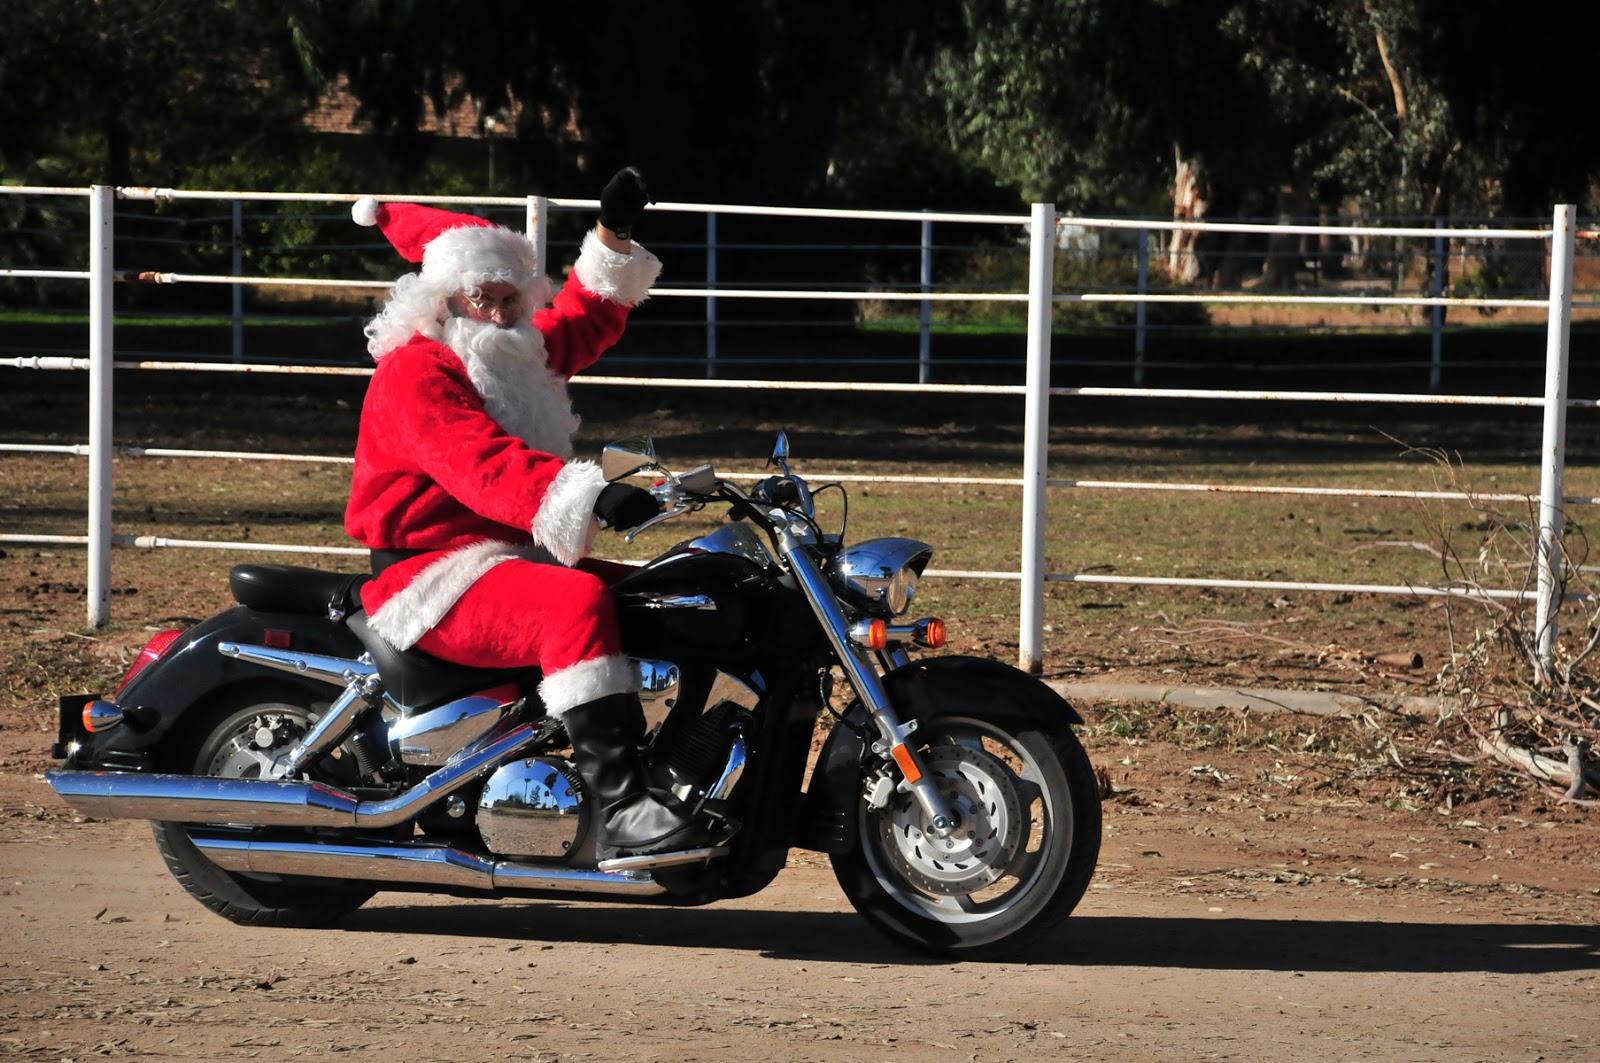 Motoblogn Happy Holidays Santa Rides A Motorcycle